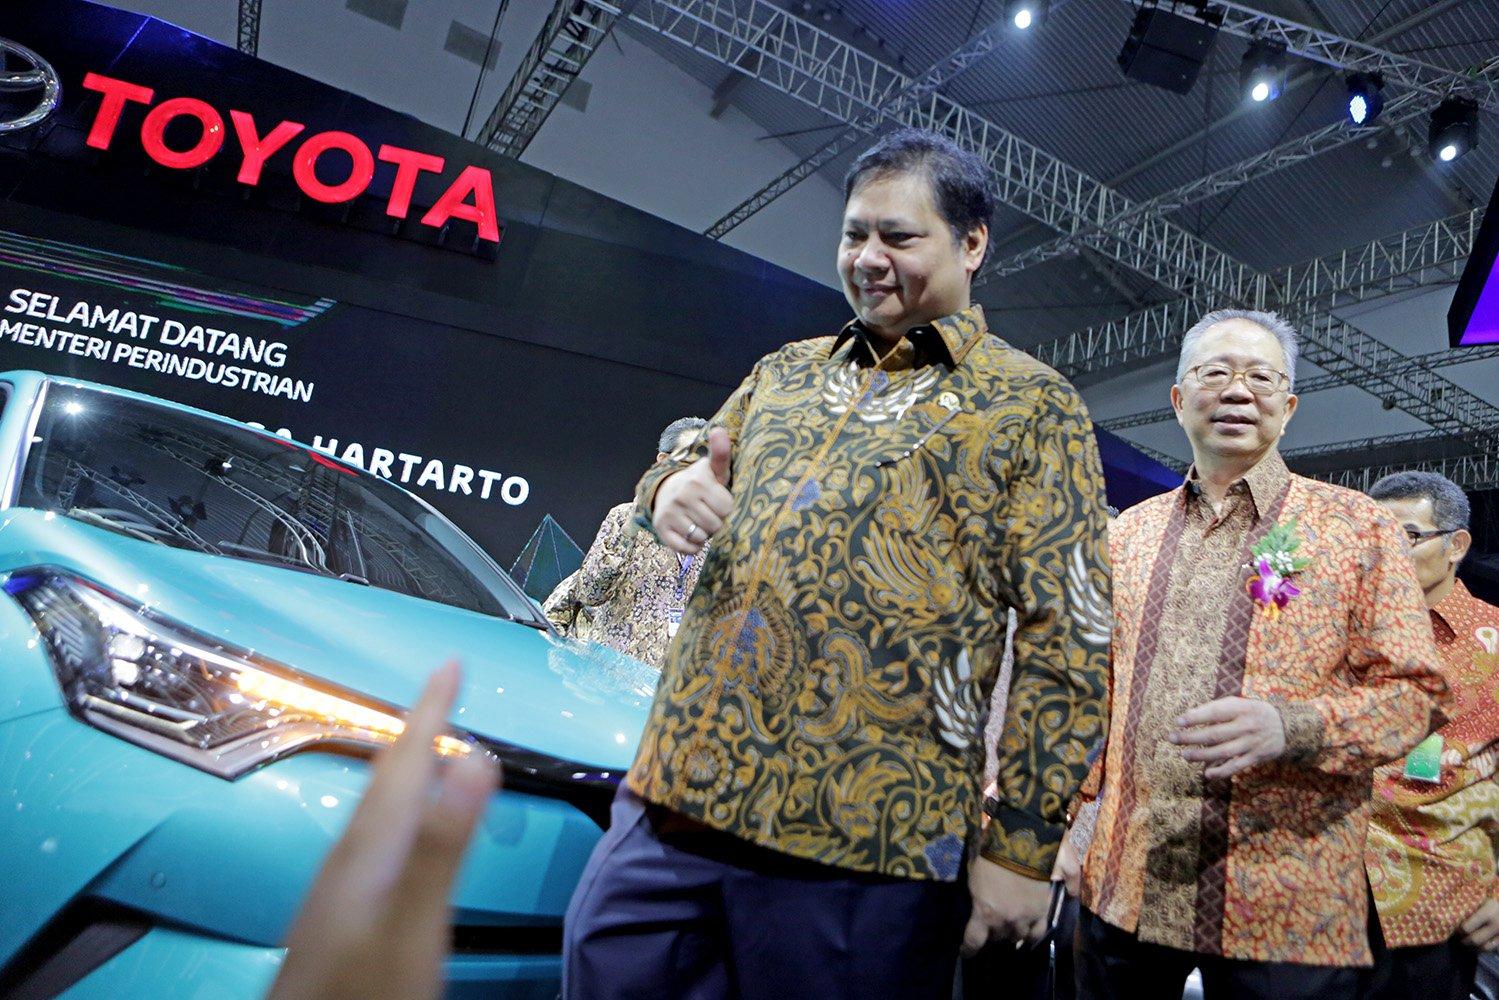 Menteri Perindustrian Airlangga Hartarto dan Ketua Umum Gaikindo, Yohanes Nangoi, saat meninjau stand pamer mobil Toyota di GIIAS 2017, Tangerang, Banten, Kamis (10/8)